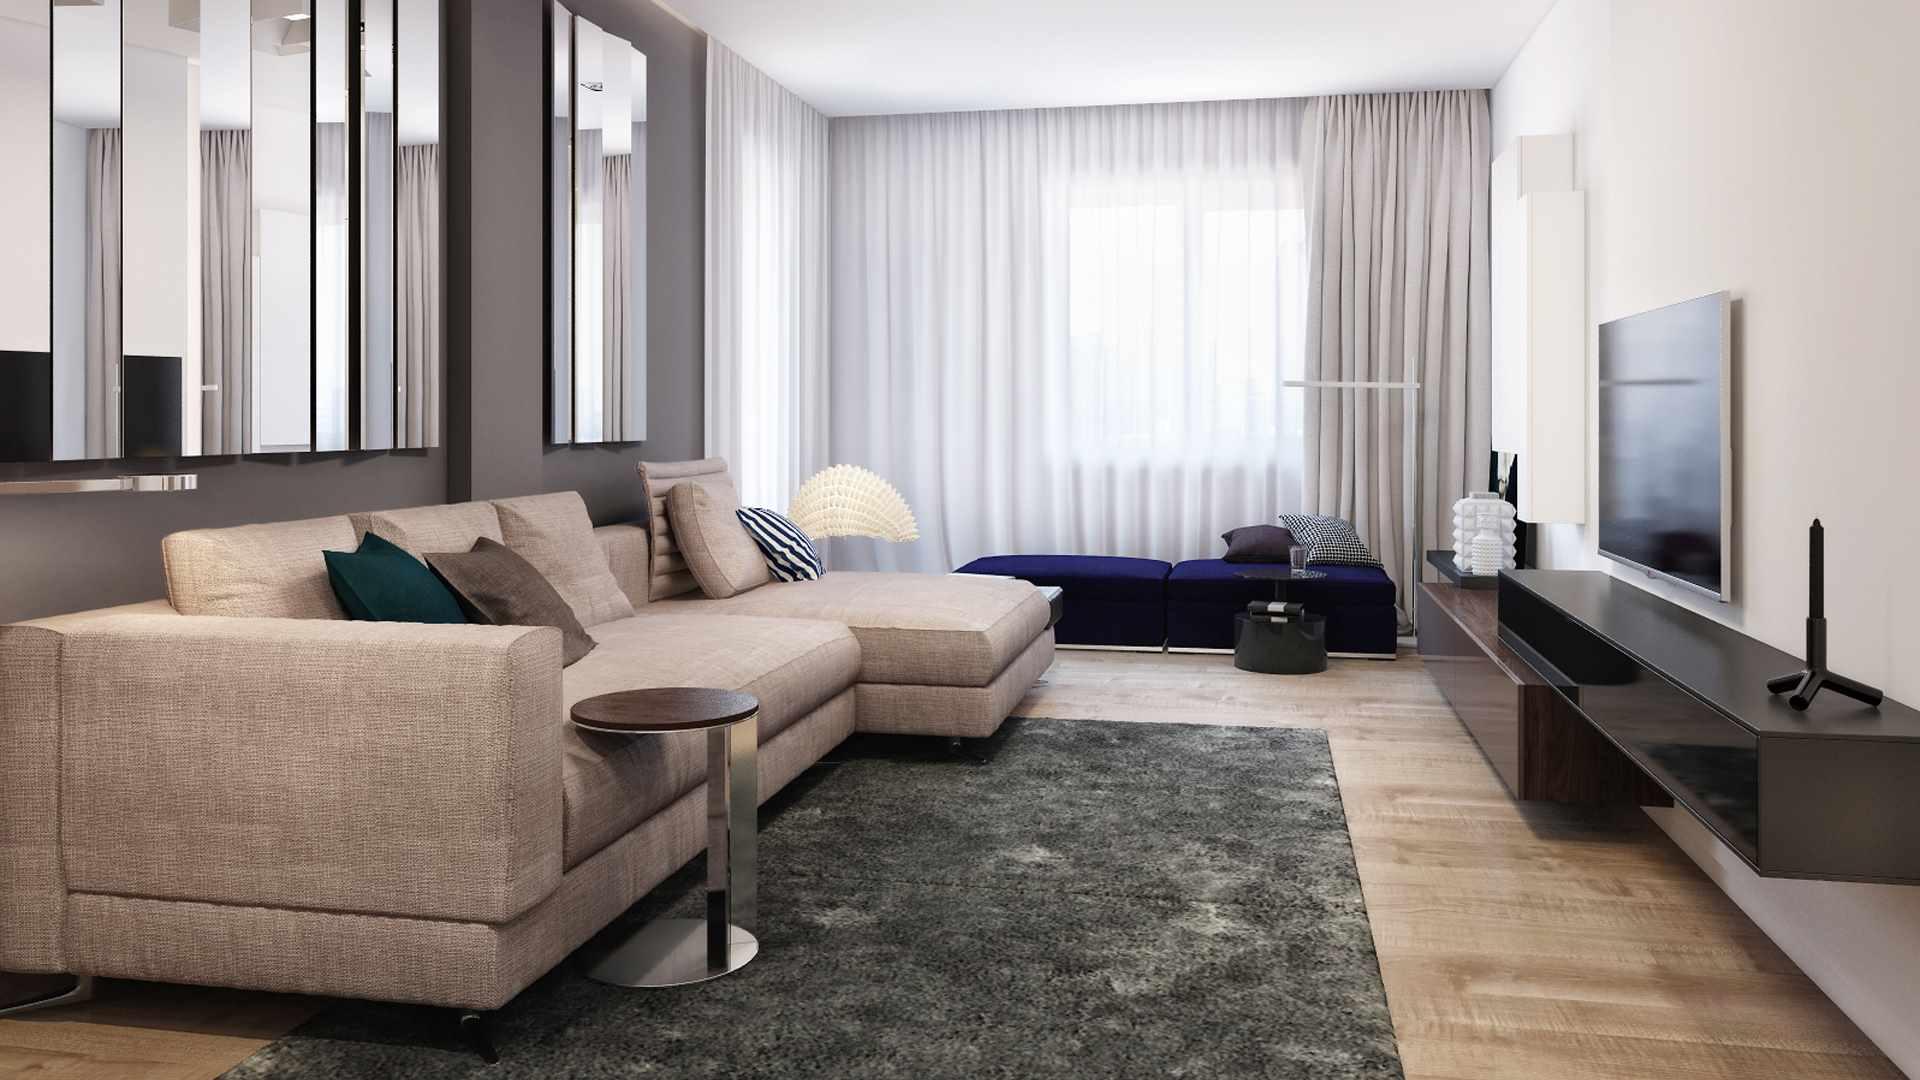 пример использования светлого интерьера гостиной комнаты в стиле минимализм